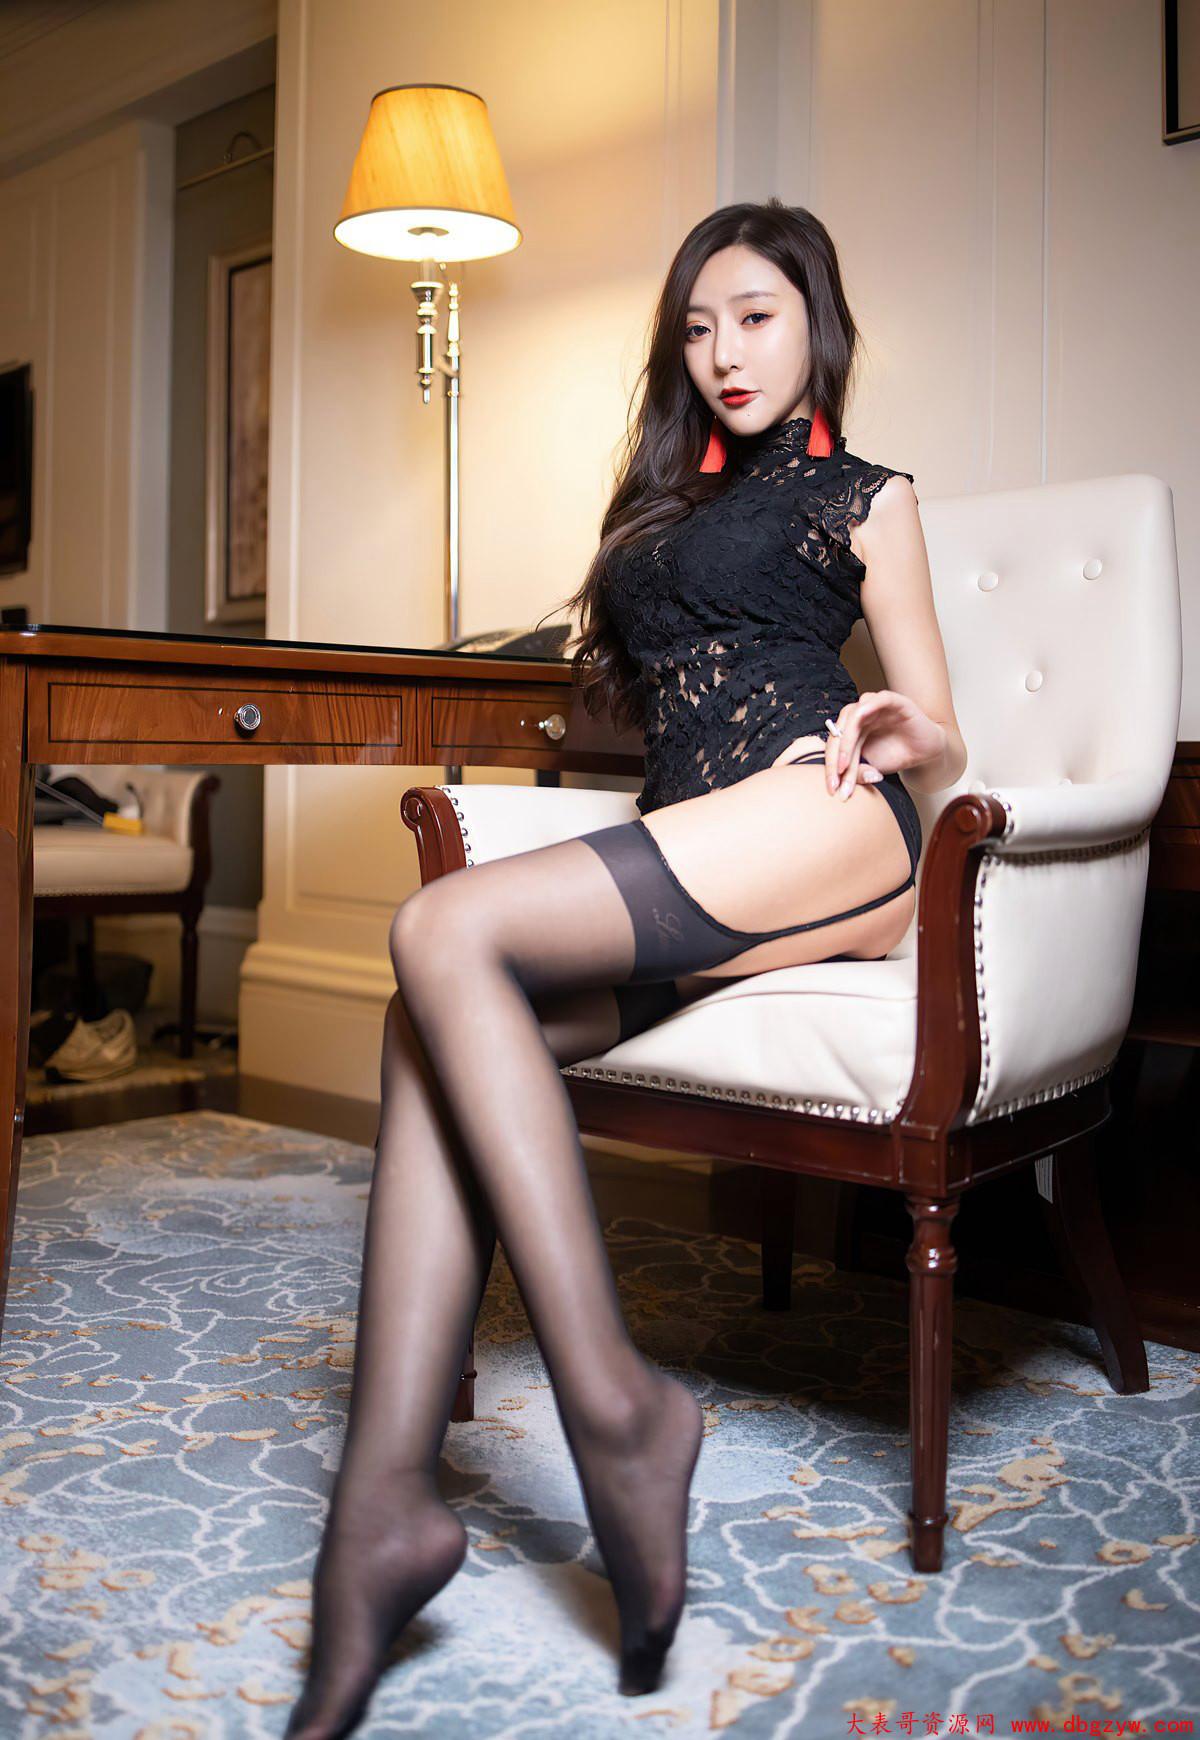 性感蕾丝丁字裤风骚黑丝吊带情趣内衣性感高跟写真